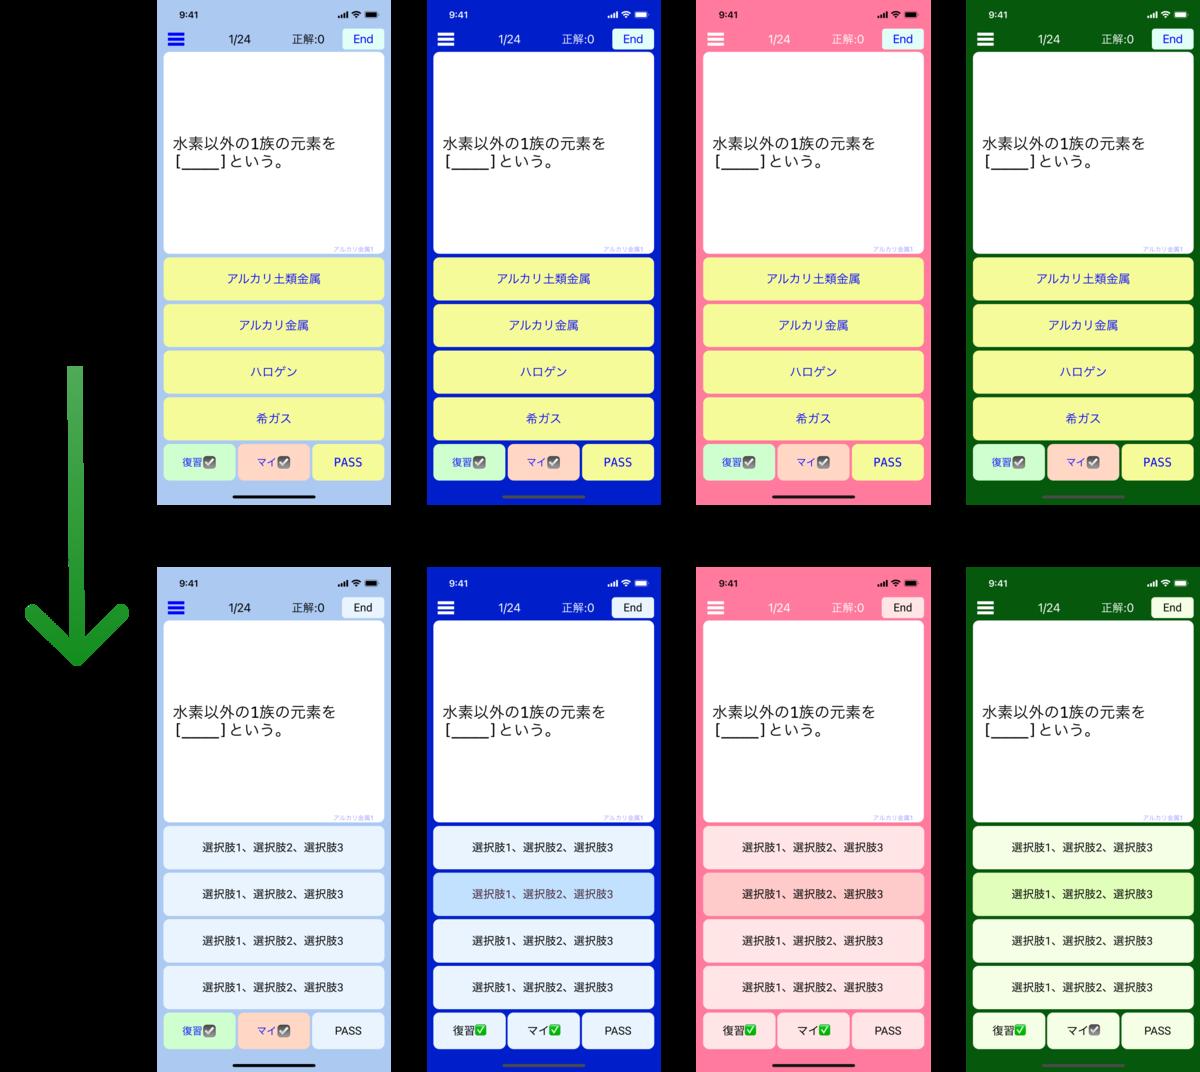 f:id:kojimachi:20210514174638p:plain